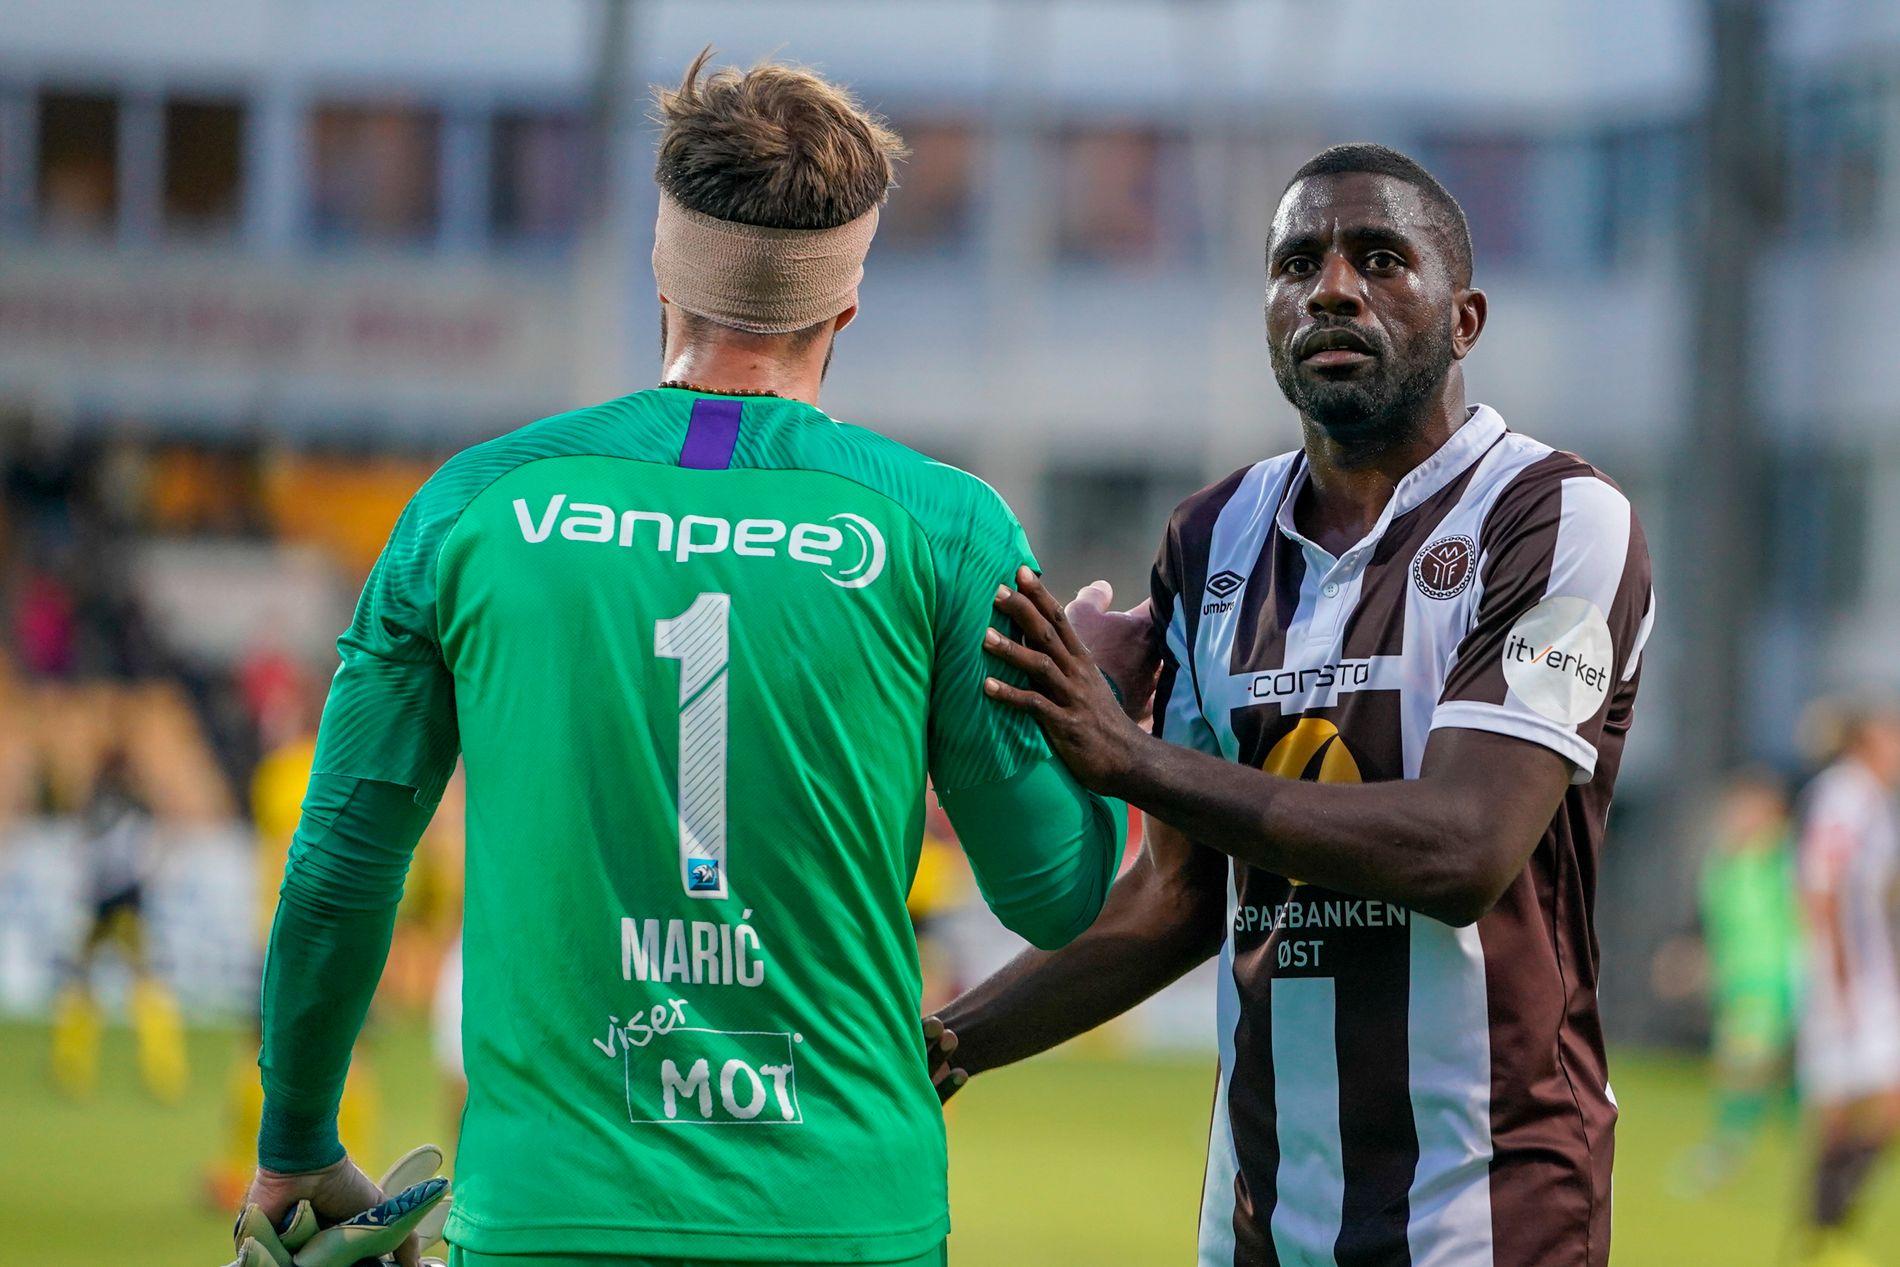 DOBBEL MOT GAMLEKLUBBEN: Olivier Occéan scoret to i møtet med gamleklubben LSK. Her sammen med Lillestrøm-keeper Marko Maric.